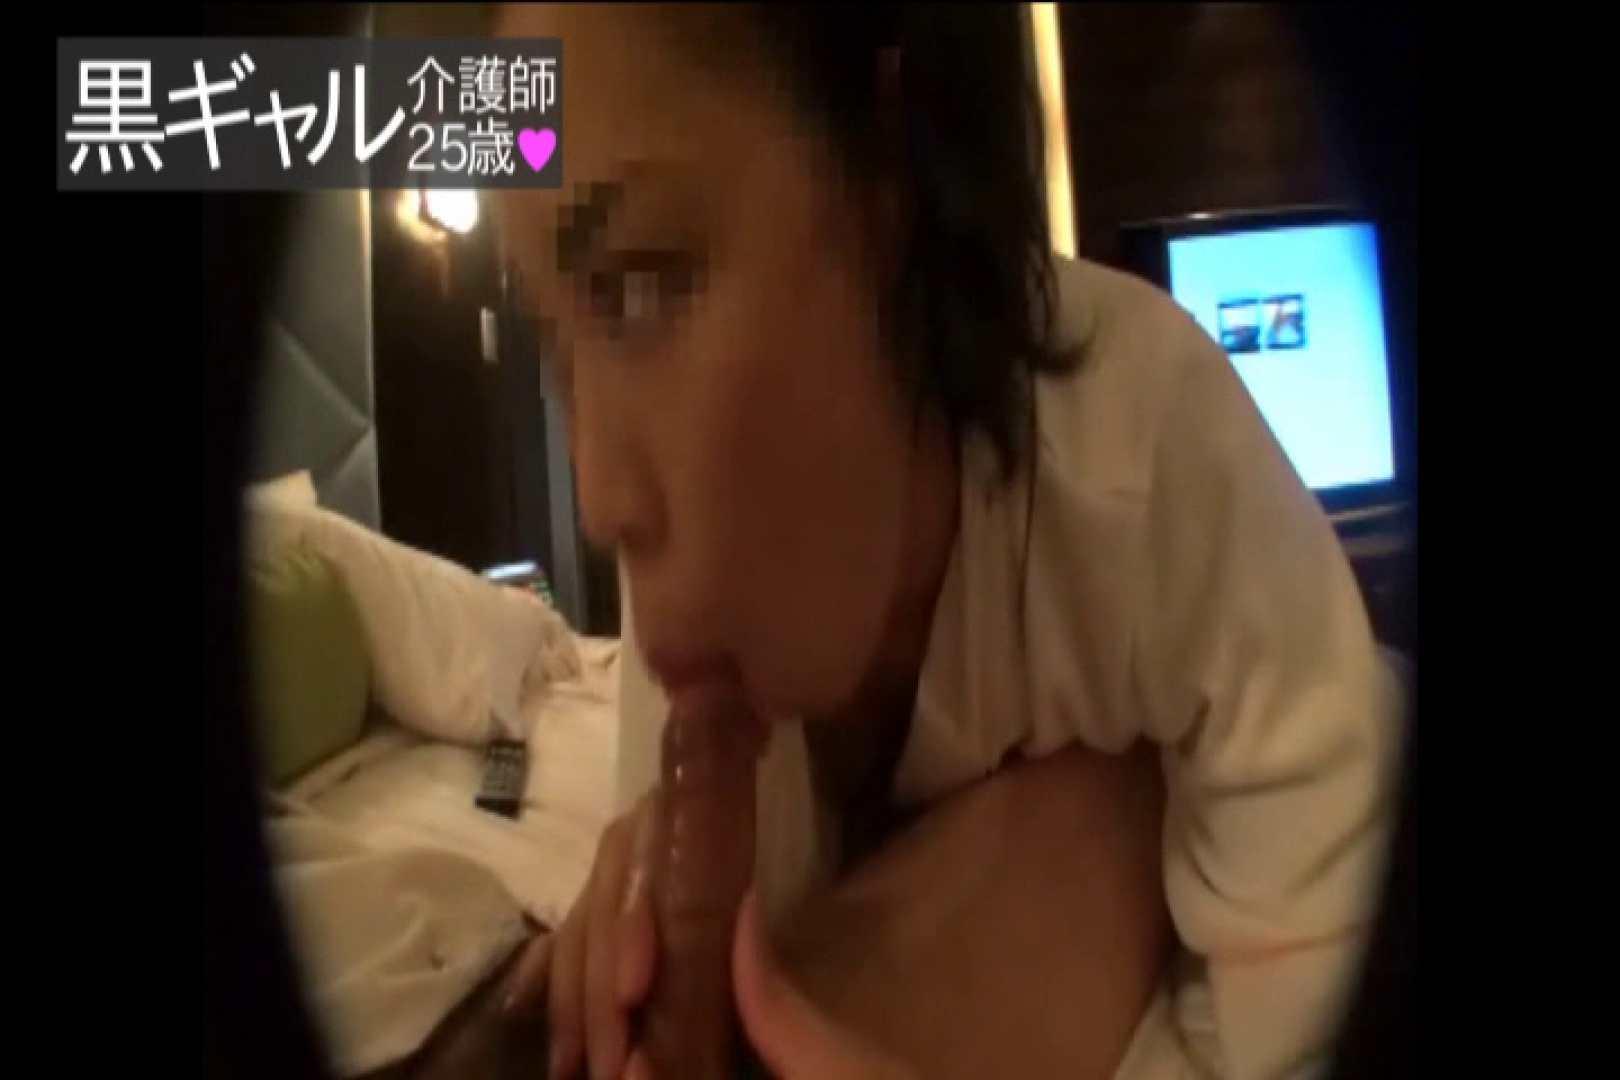 独占入手 従順M黒ギャル介護師25歳vol.5 OL  64pic 7